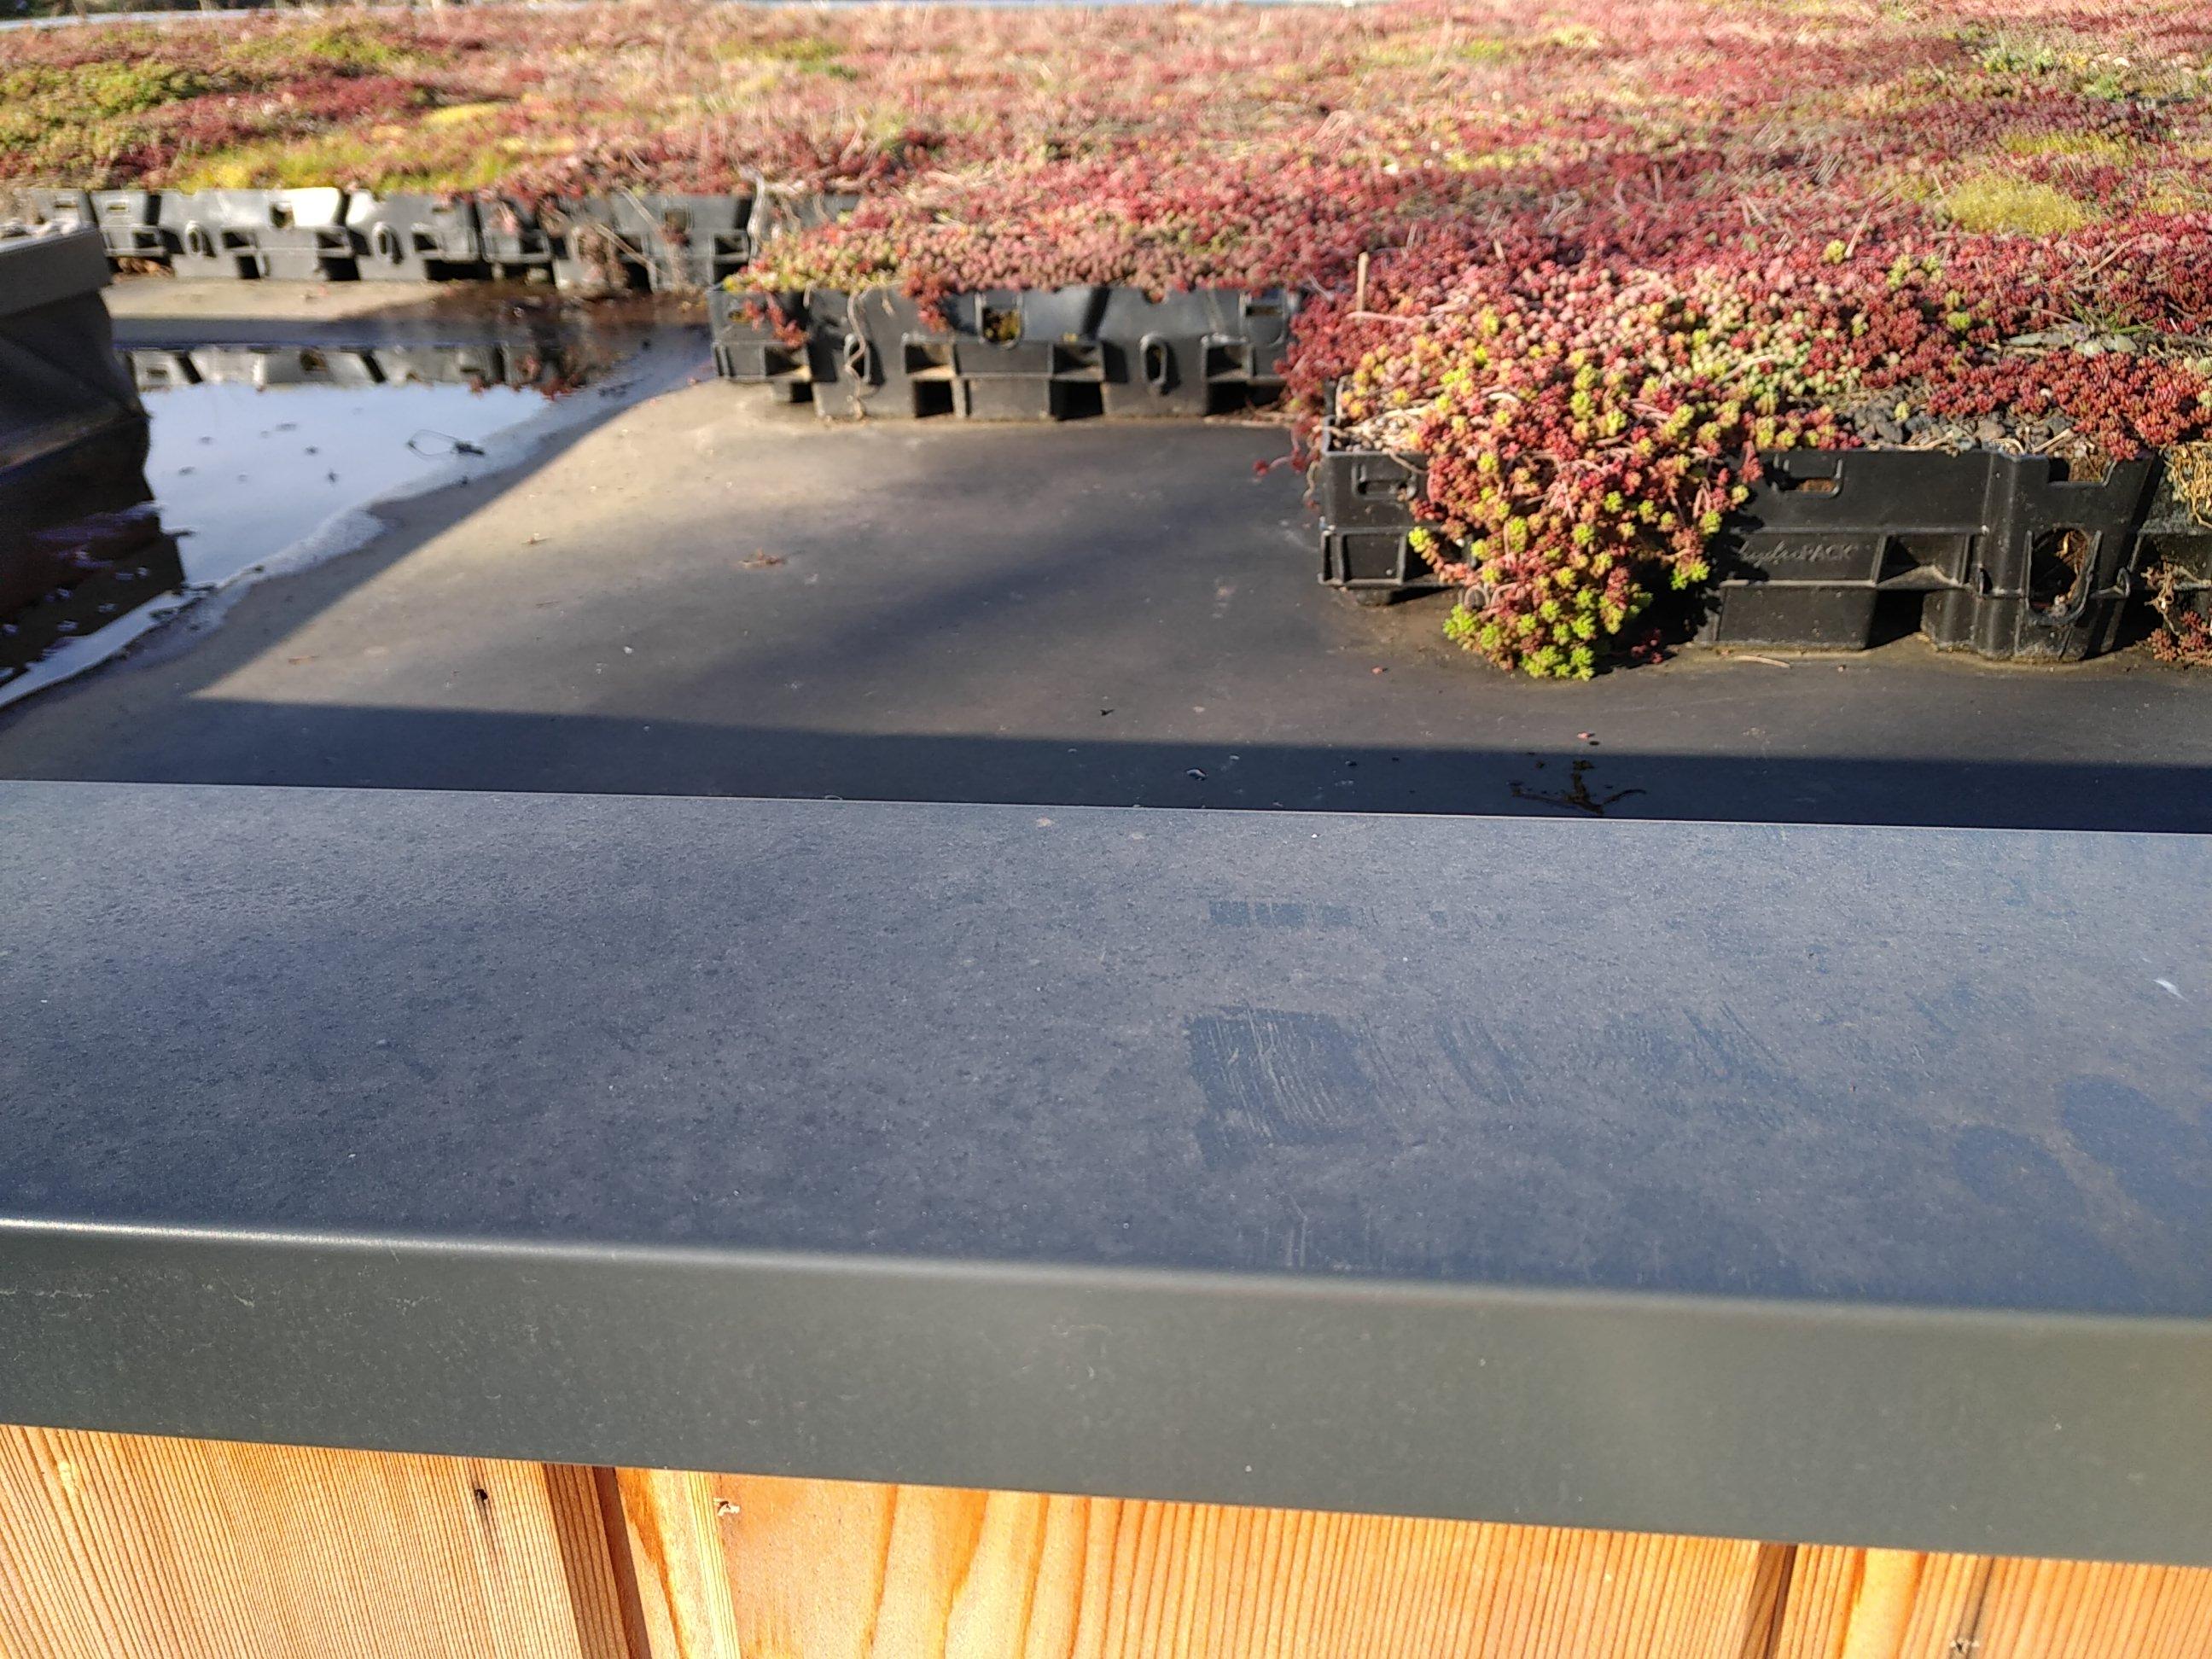 Végétalisation toiture : pose de bacs plastiques